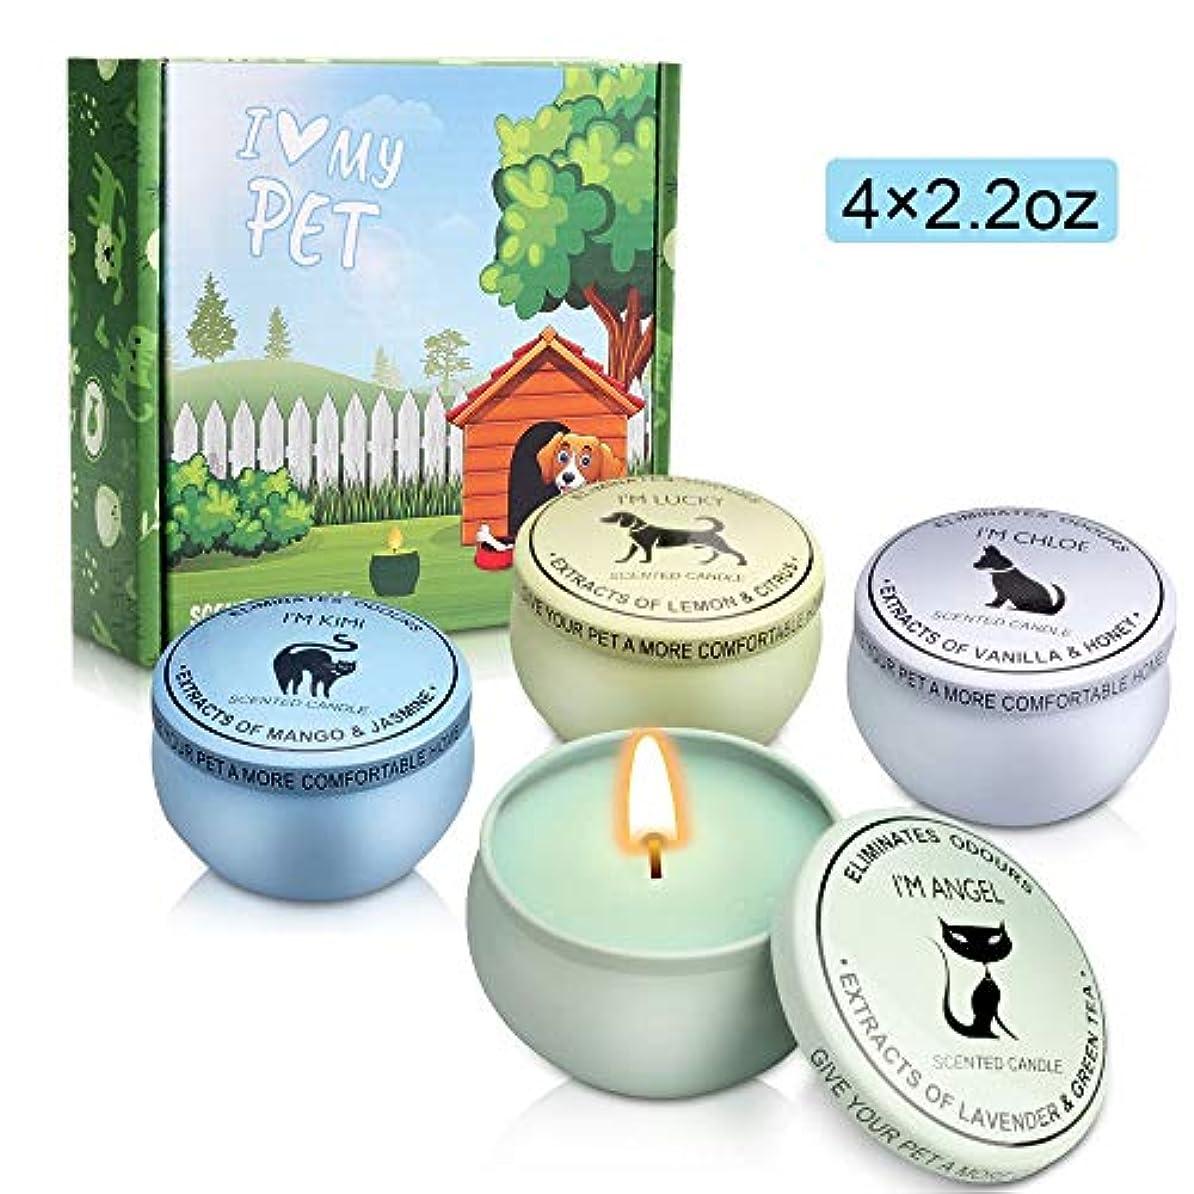 型説得家禽Ztian 4 * 4オンスペットペットは、ヨーロッパやアメリカのキャンドル香りのキャンドル100%環境に優しい大豆キャンドルペット臭の除去スズキャンドル香りのキャンドルの家庭のペット用品 (色 : Four-piece set)